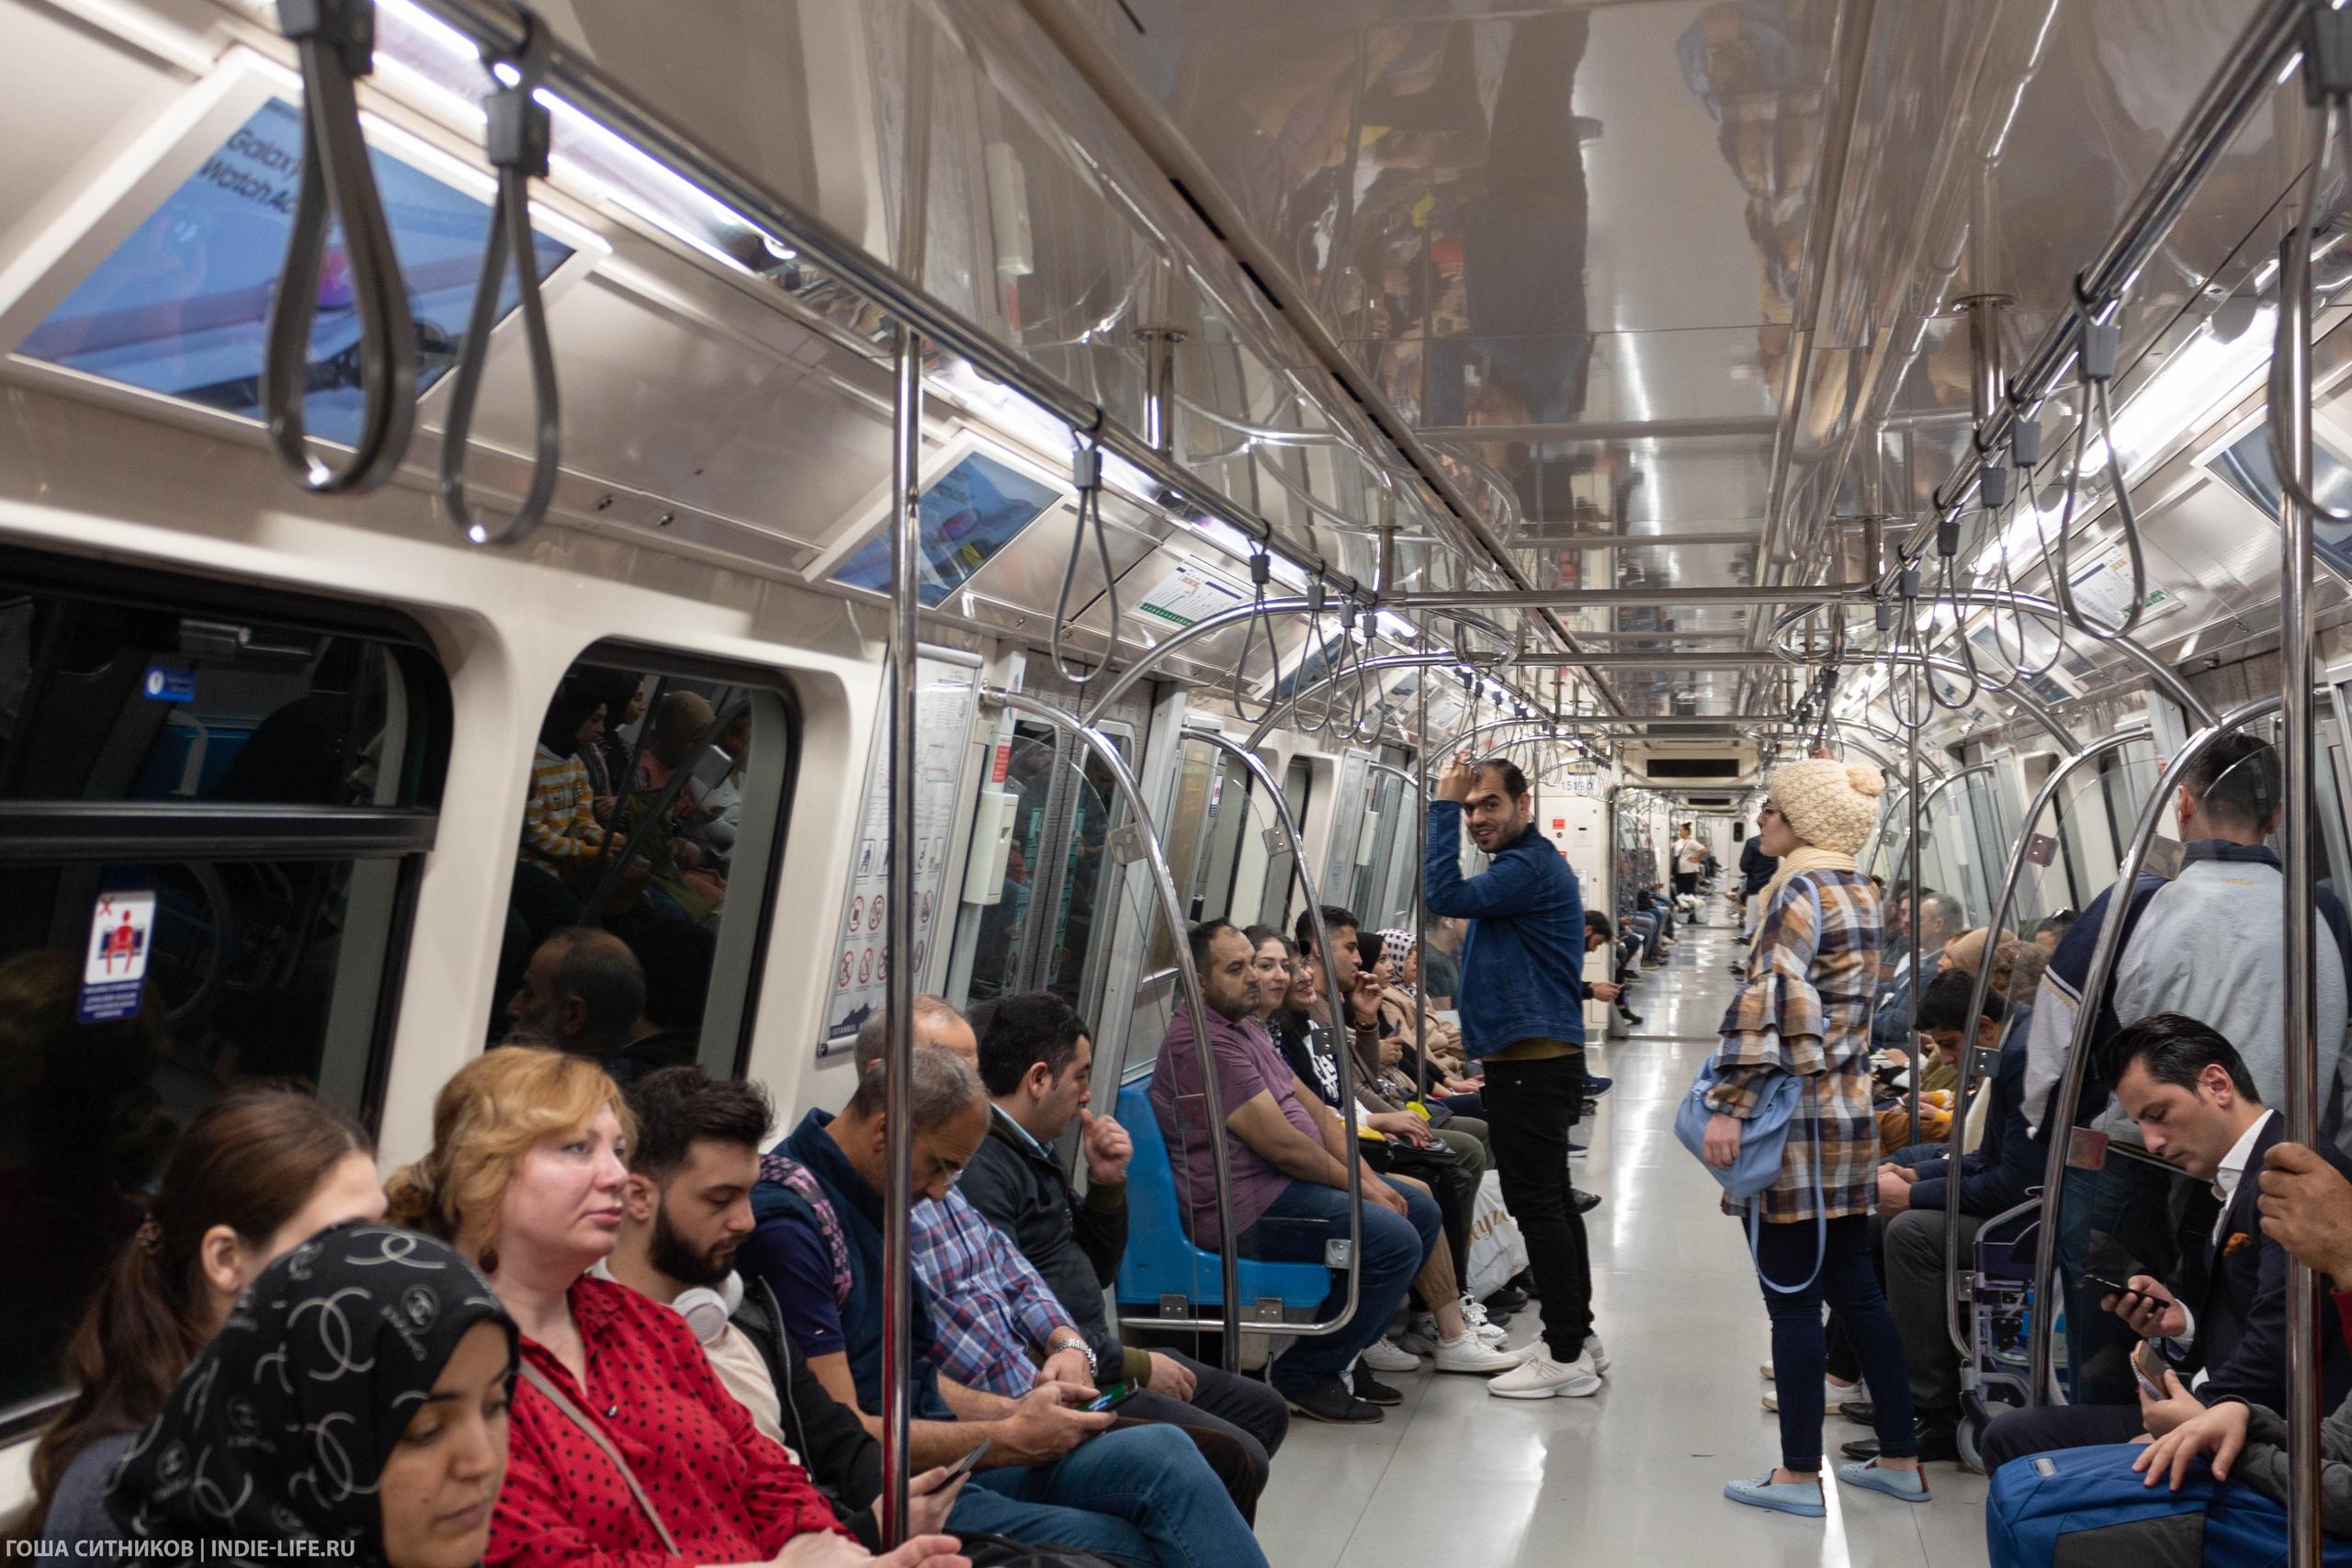 Пассажиры Стамбульского метро